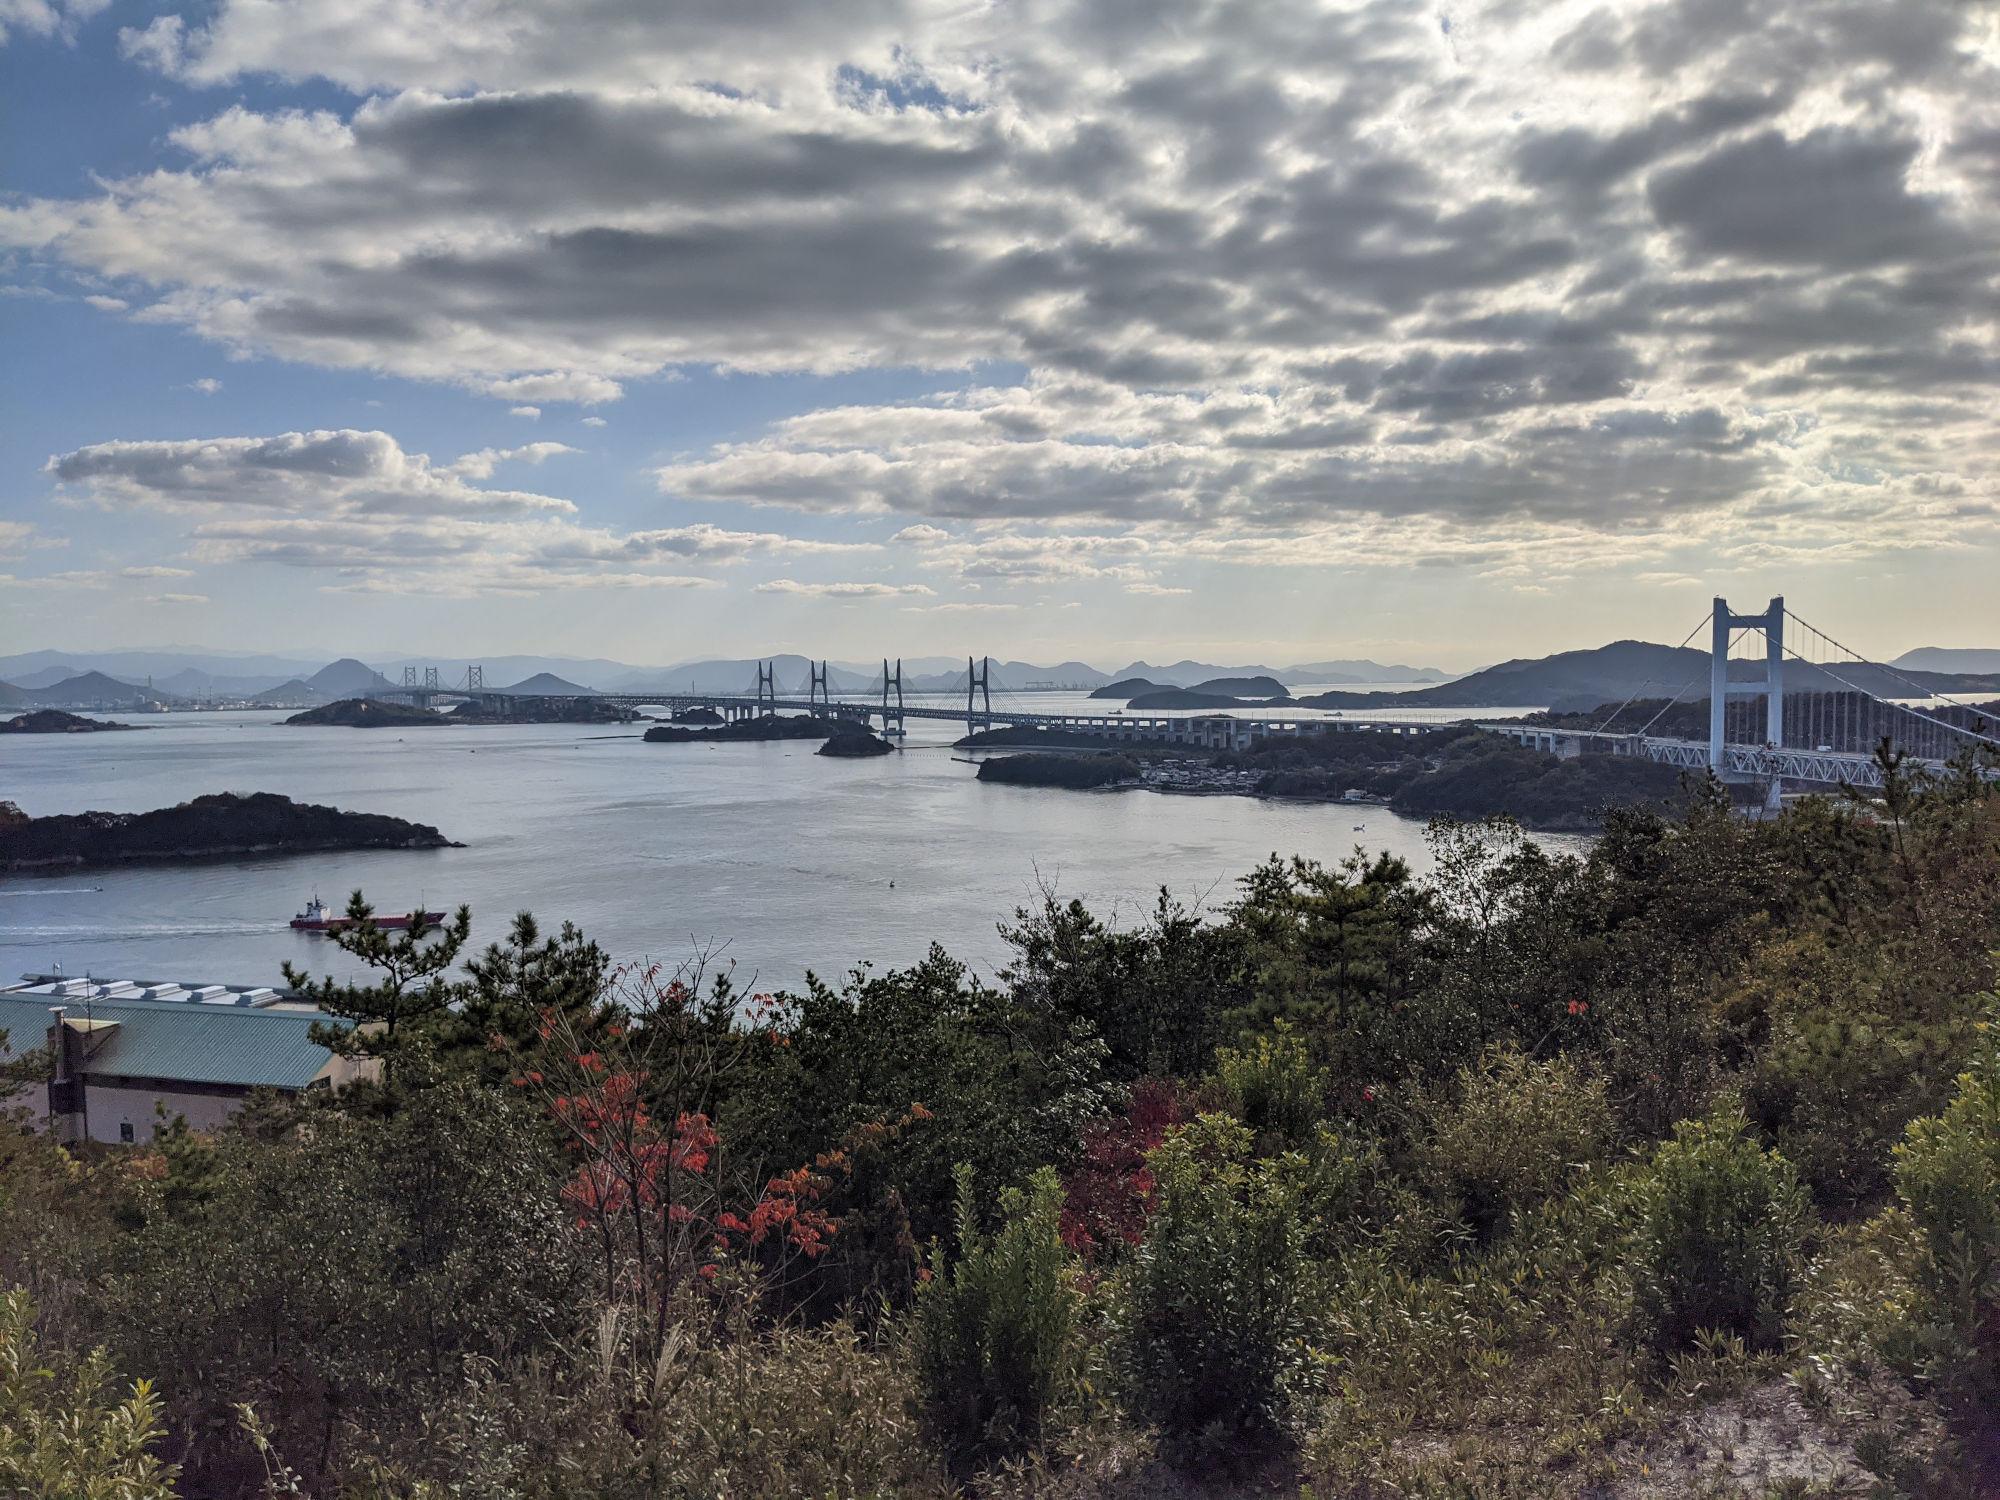 鷲羽山からみた瀬戸大橋